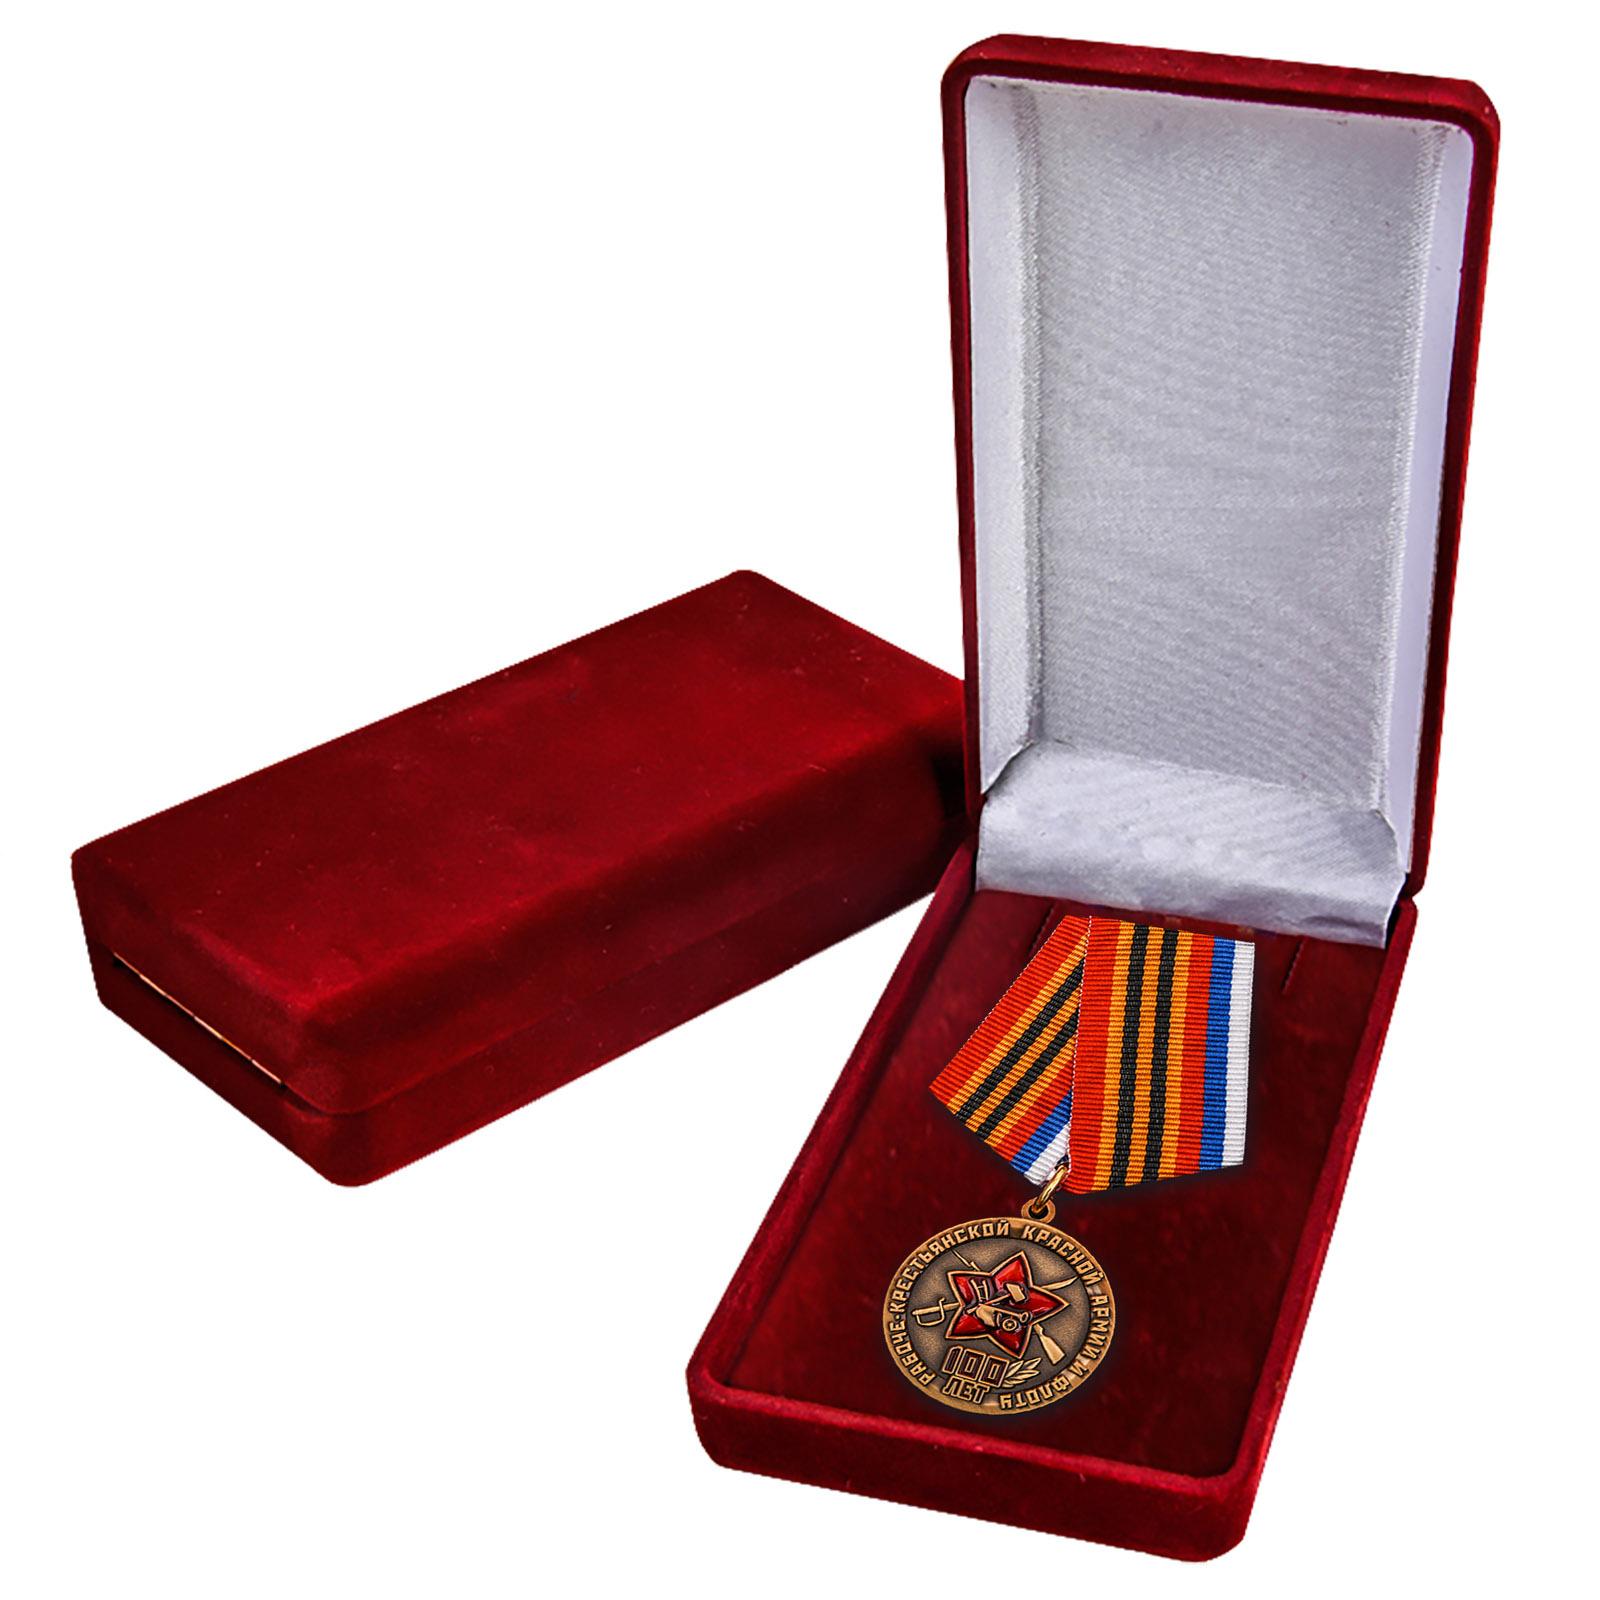 """Медаль """"100 лет Армии и флоту"""" из юбилейной коллекции"""